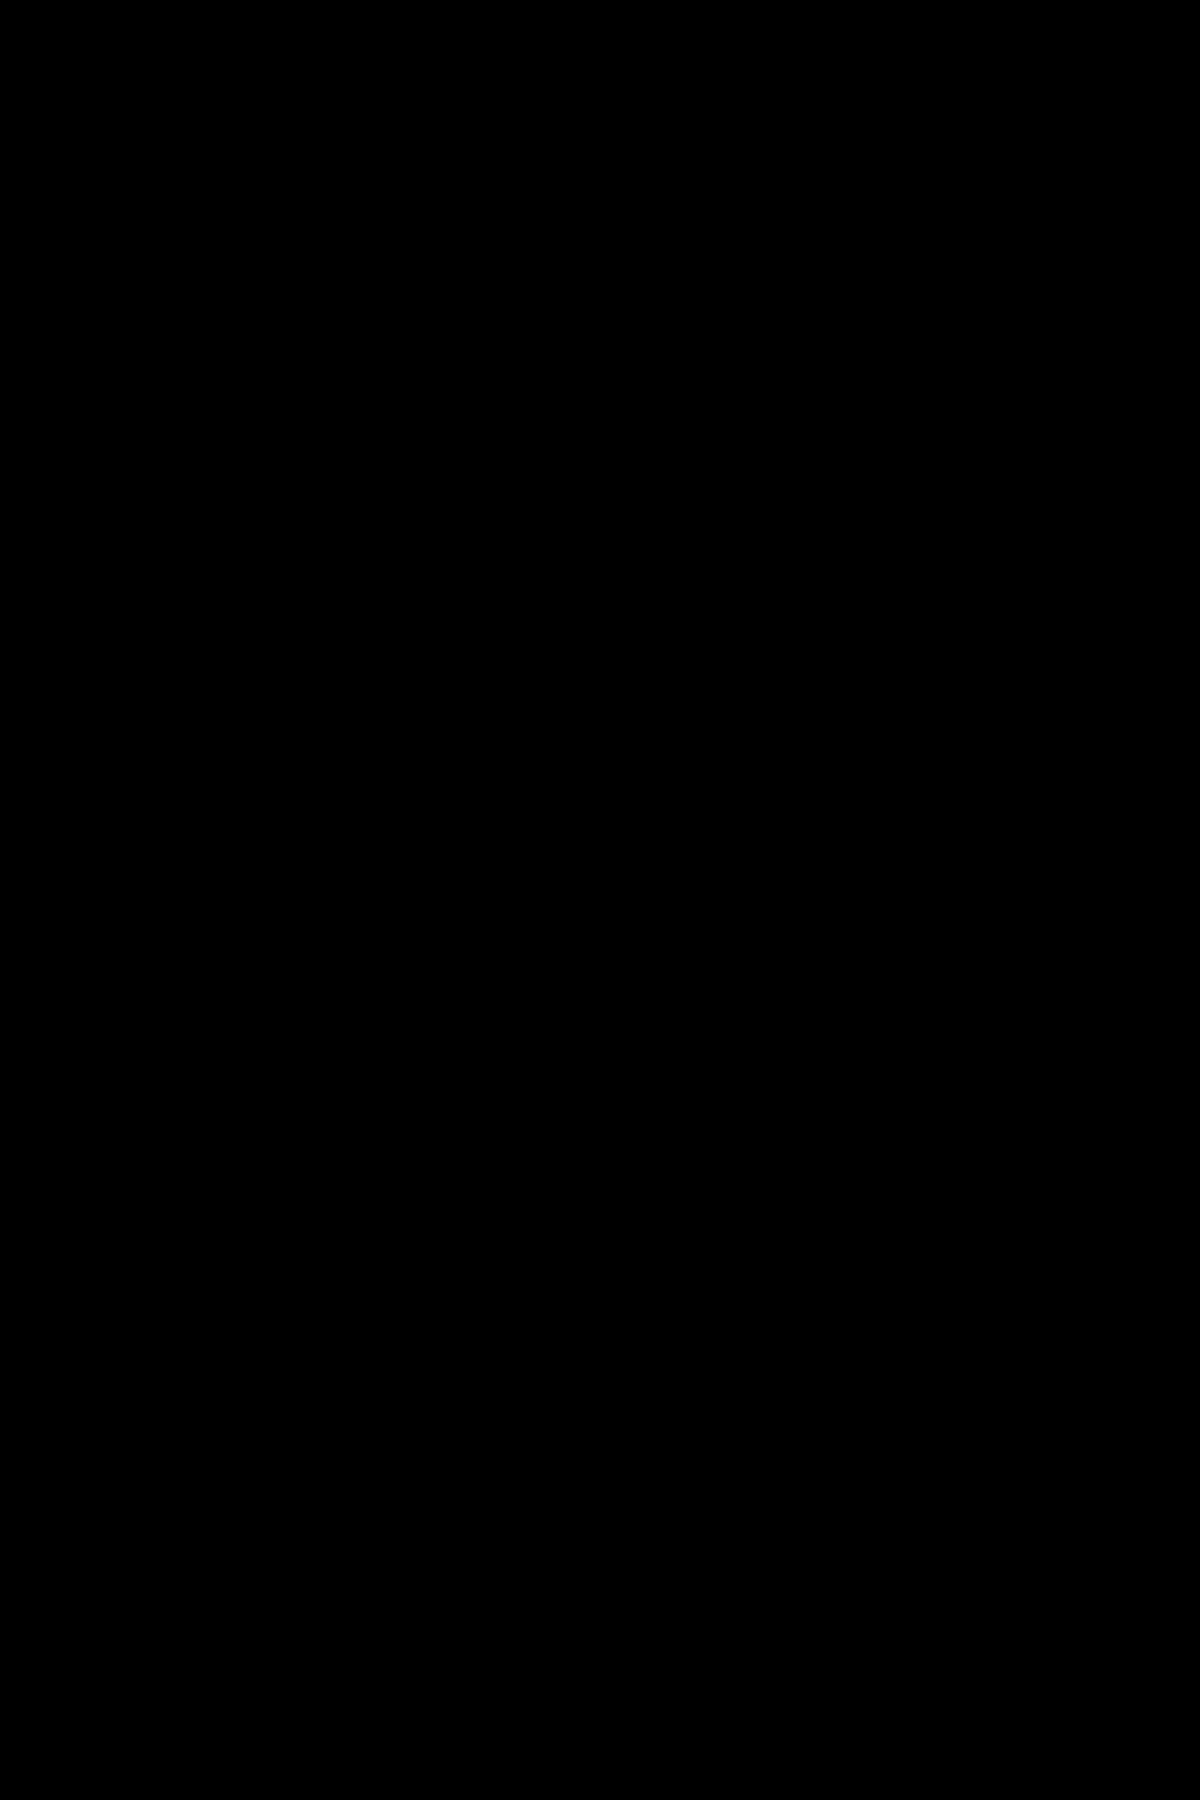 dimensional_lettering_barrel-2